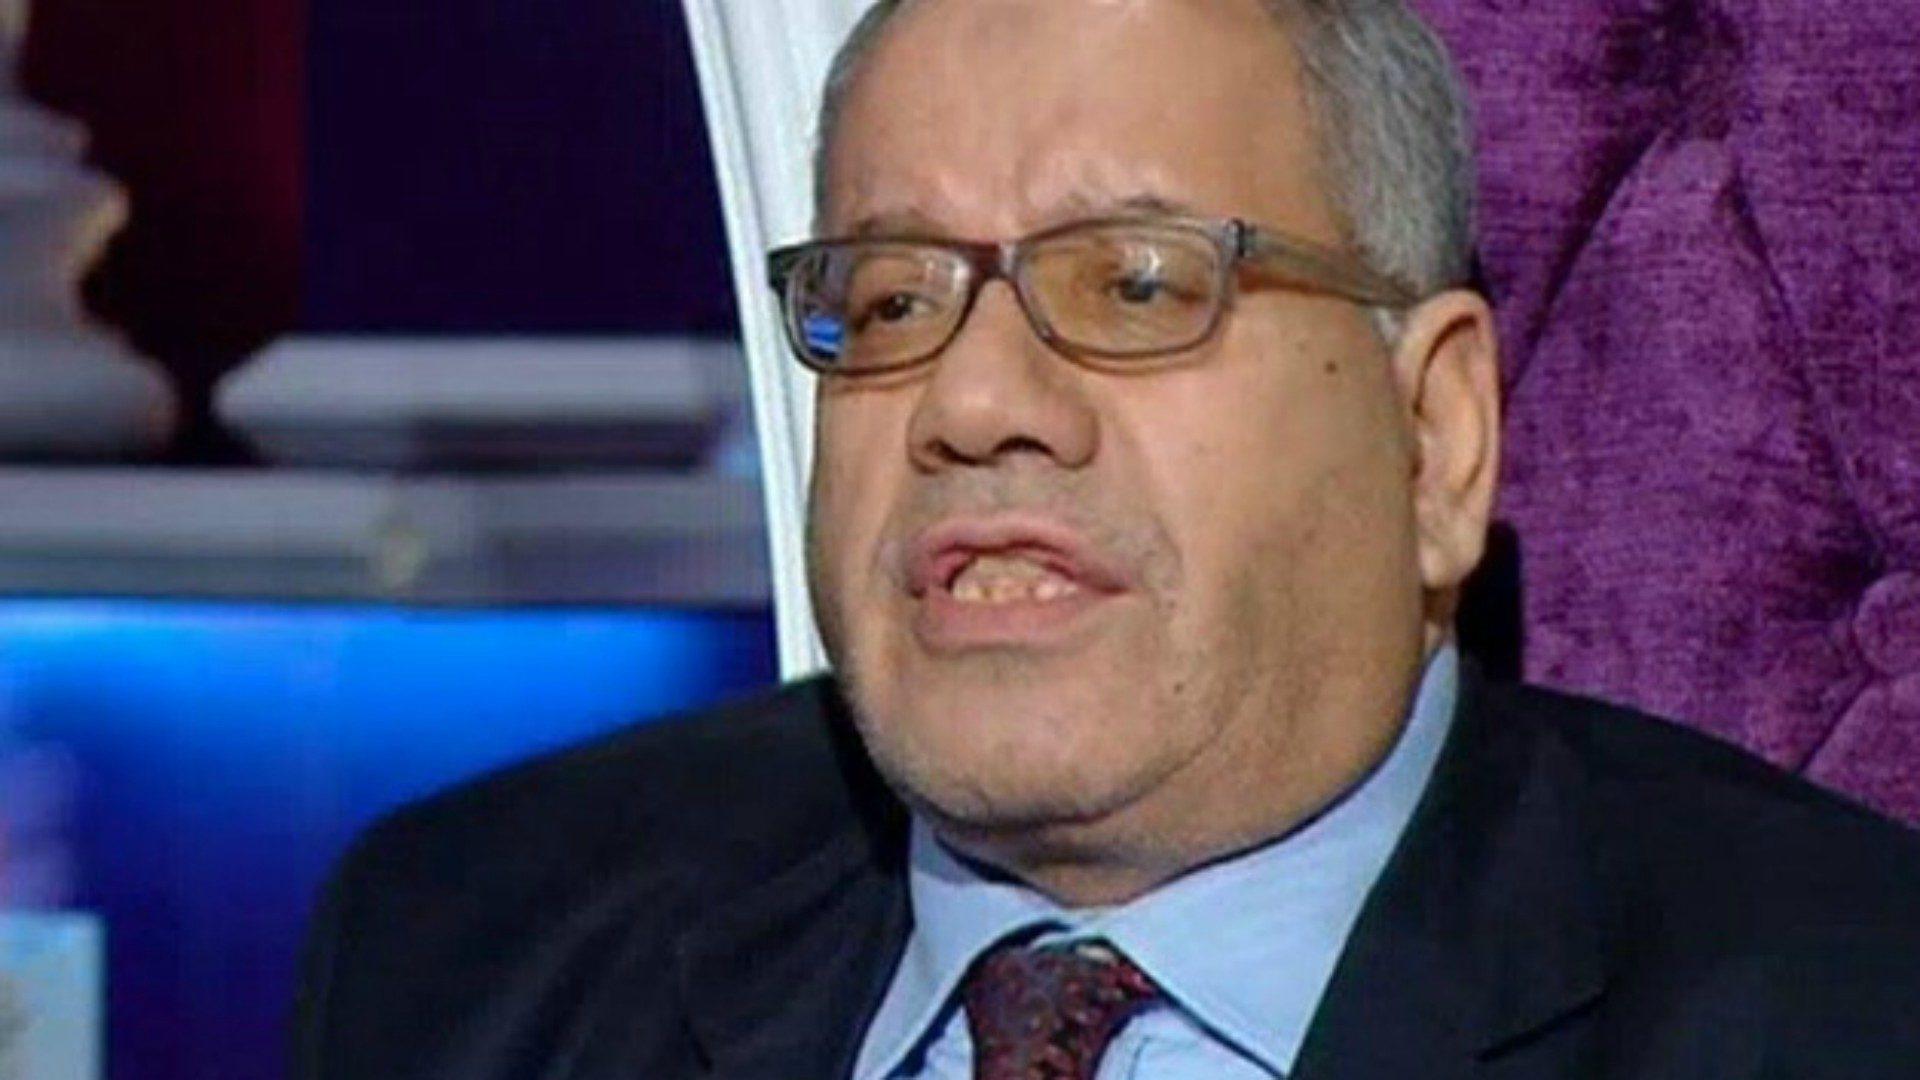 En egypte un avocat en faveur du viol des femmes portant - Porter plainte aupres du procureur de la republique ...